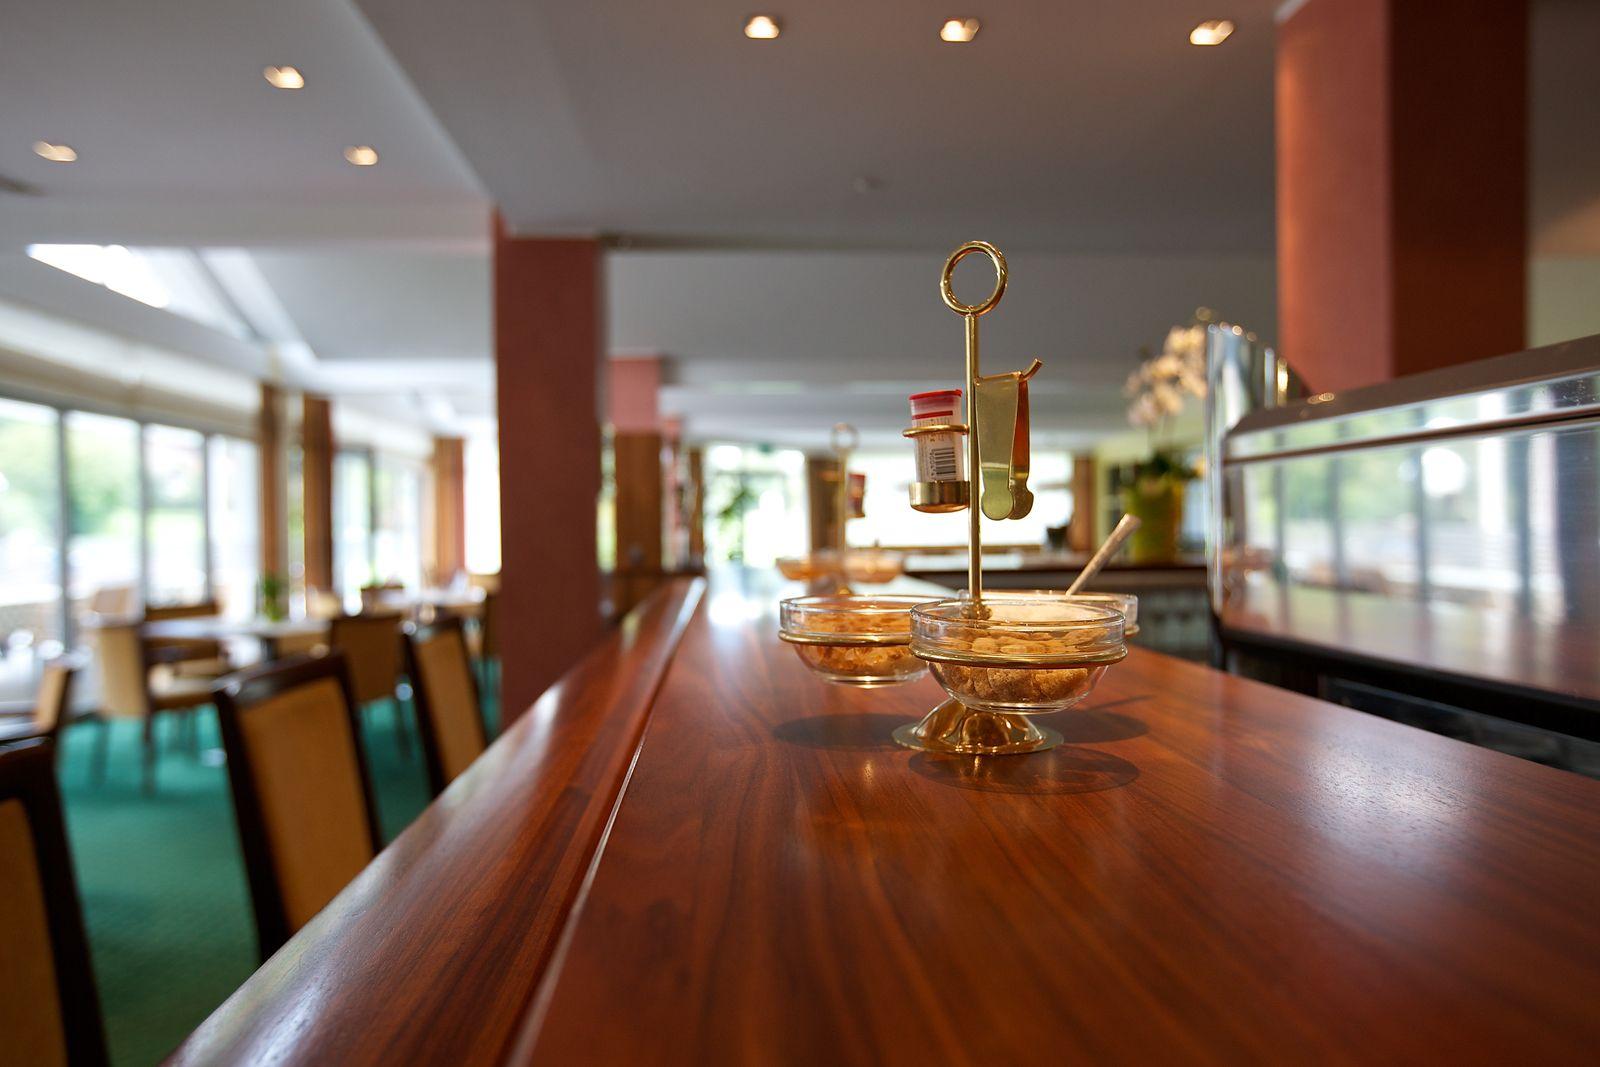 Kärntner-Golfclub-Dellach-Restaurant